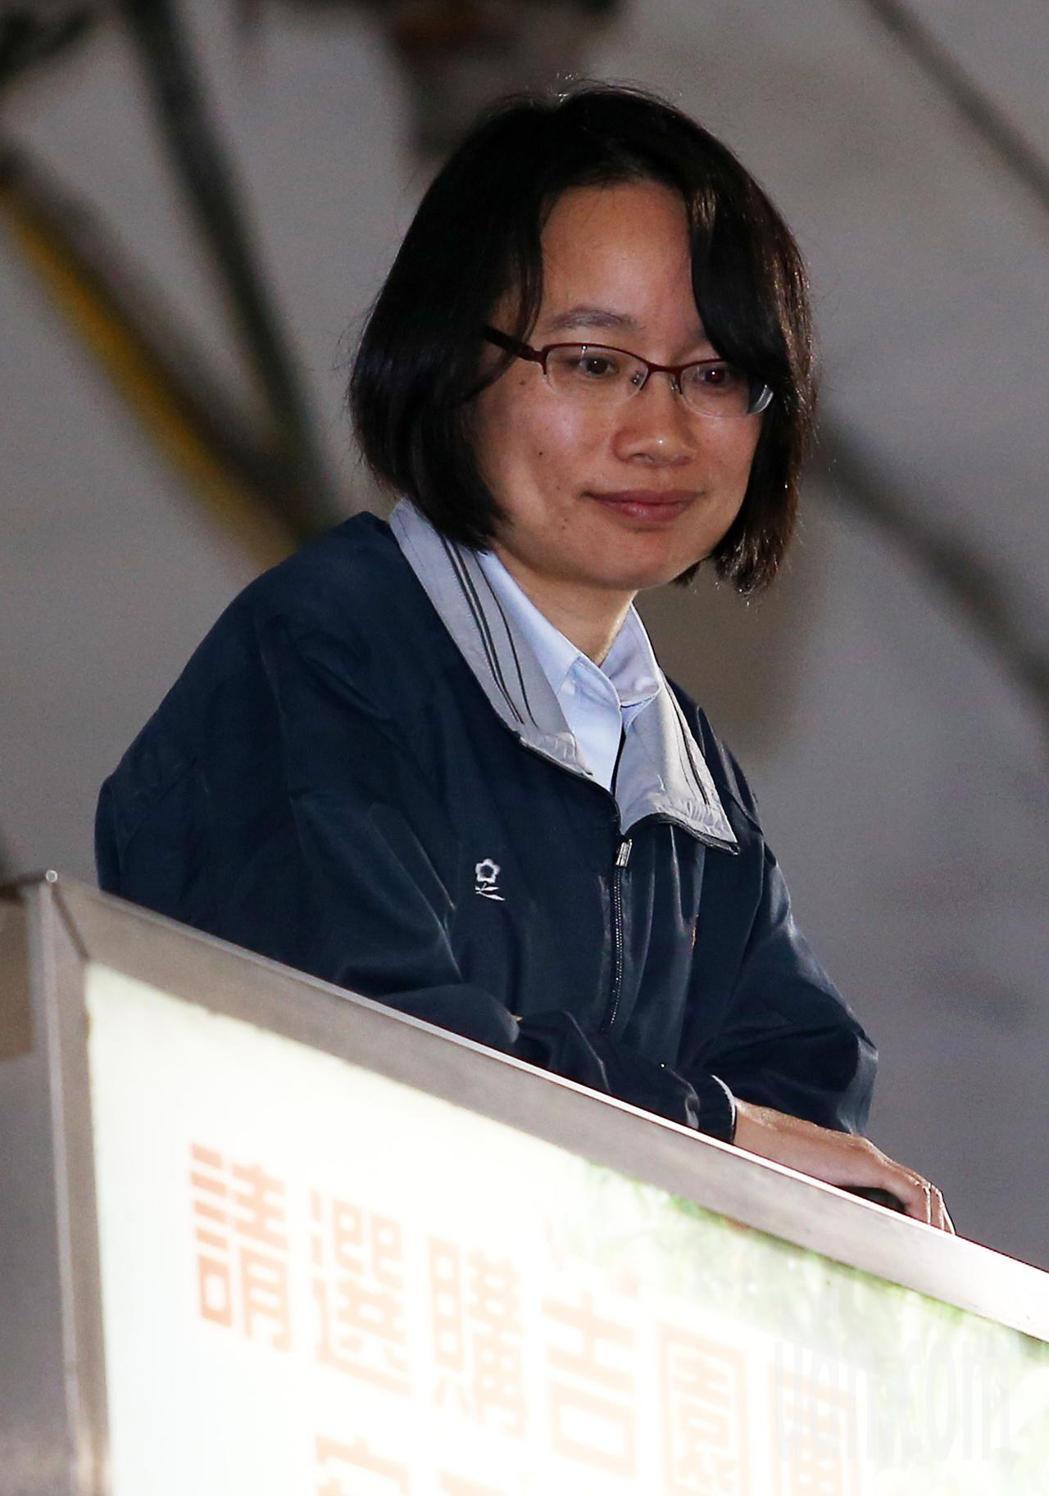 經過三天休市後,台北果菜批發市場今天凌晨恢復交易,連日來挨批神隱的北農總經理吳音...